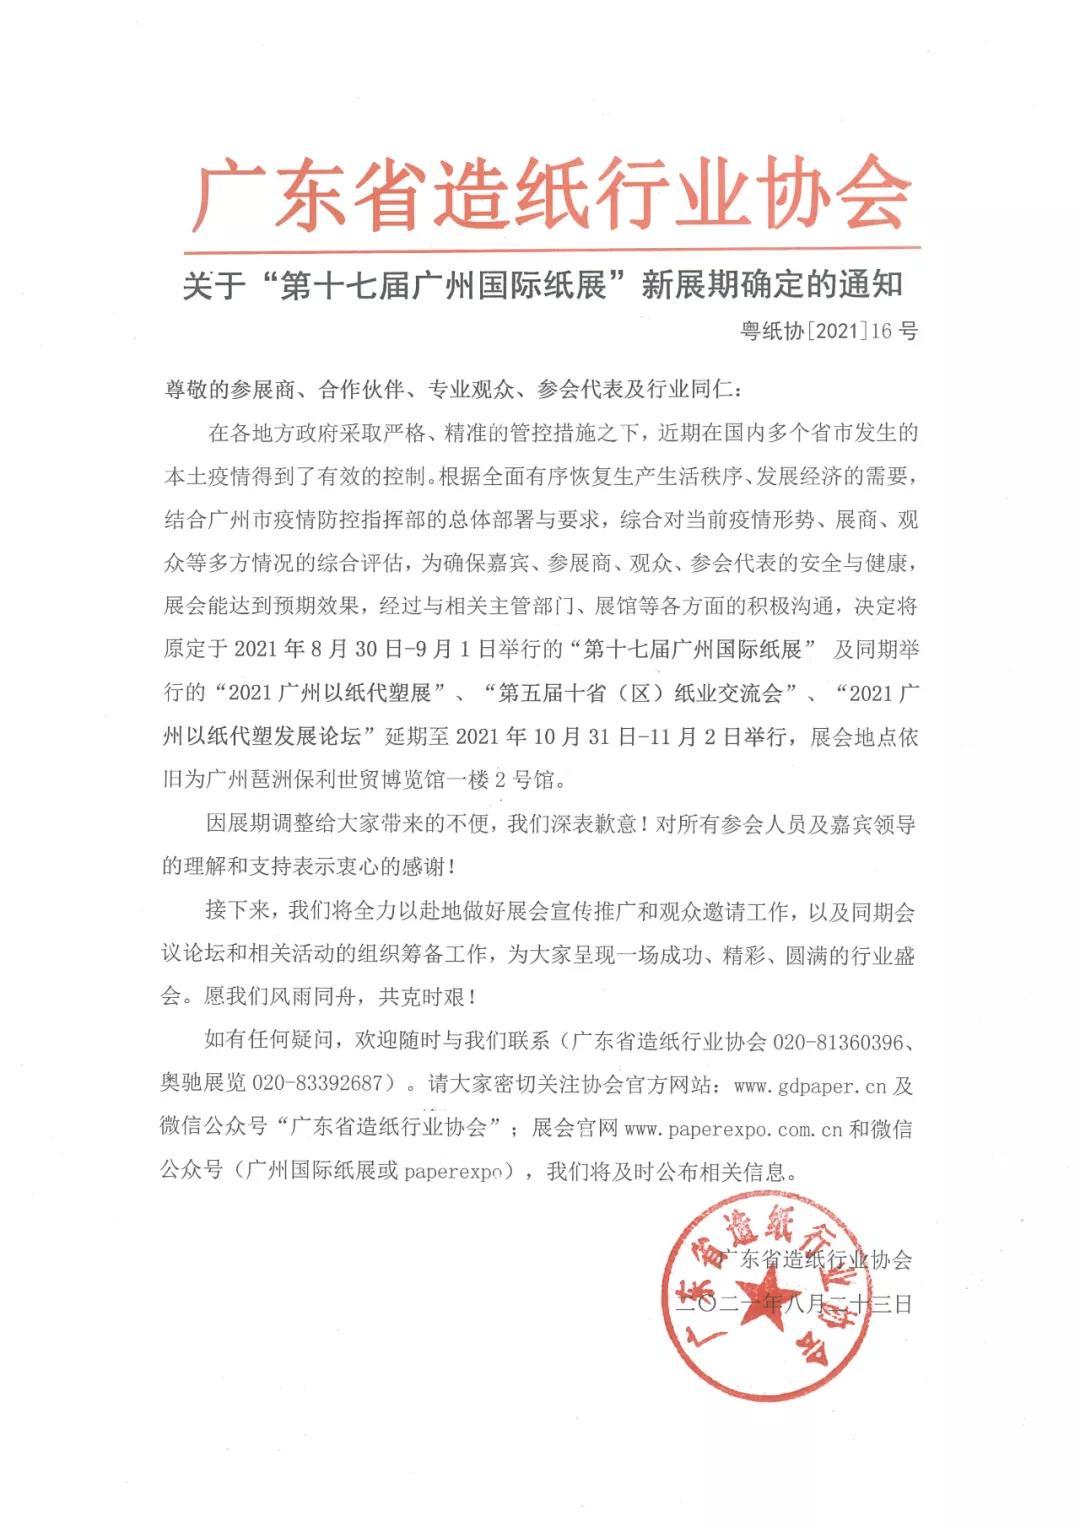 广州国际纸展,纸酒瓶,包装制造,再生纸